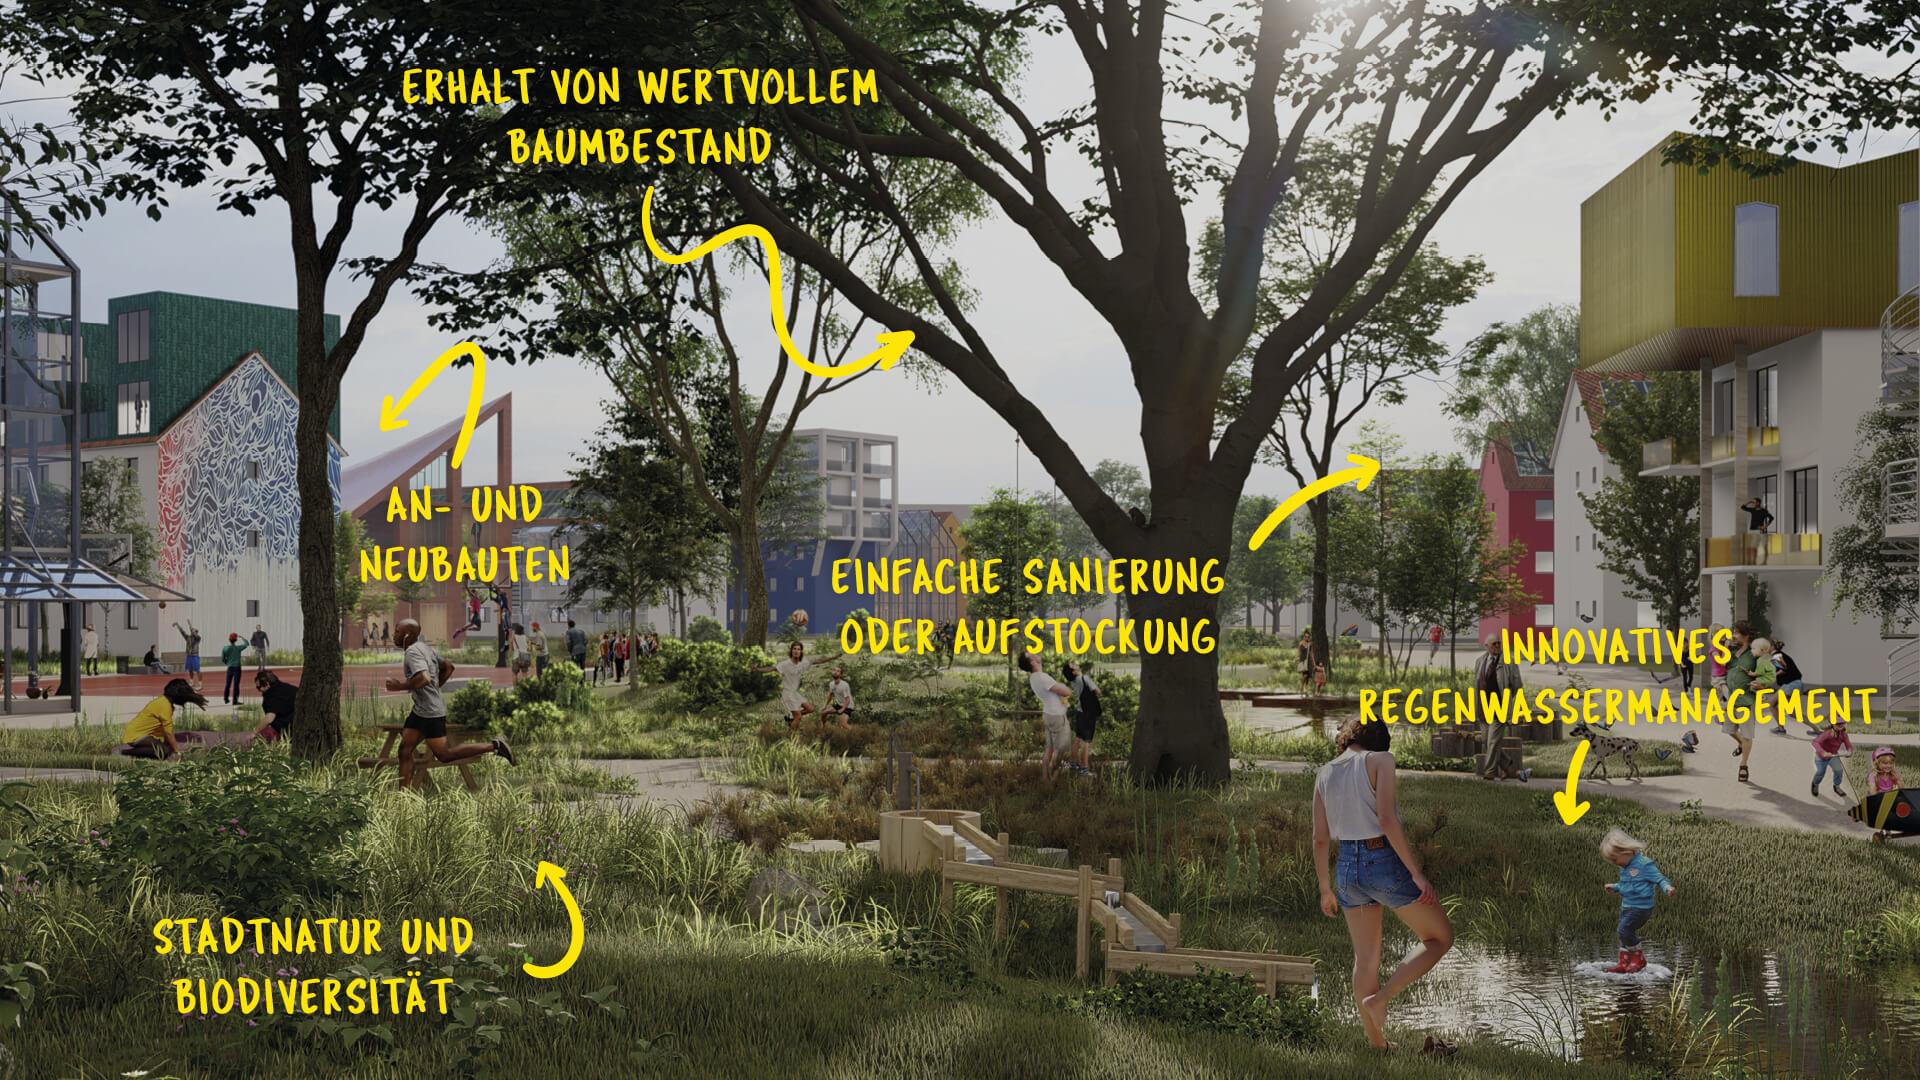 """In den """"grünen Fingern"""" entfaltet sich eine lebendige Stadtnatur, die  Lebensräume für Menschen, Tiere und Pflanzen bietet. © KCAP"""